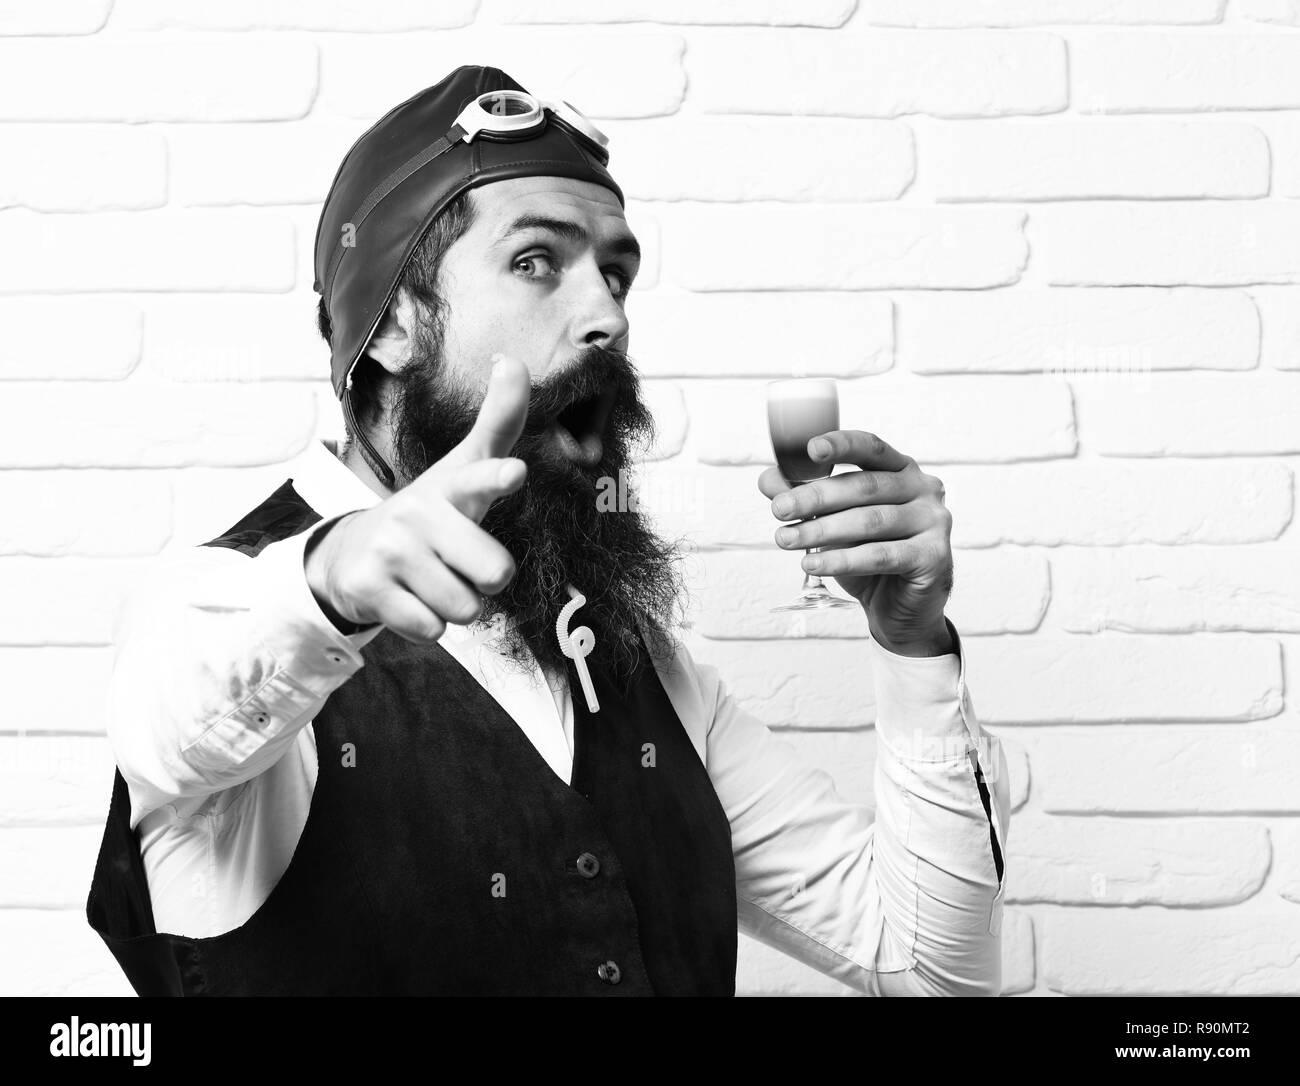 Schöne bärtige aviator Mann mit langem Bart und Schnurrbart auf überrascht Gesicht holding Glas alkoholische Schuß in Vintage Leder weste mit Hut und Brille auf der weißen Wand Hintergrund. Stockfoto